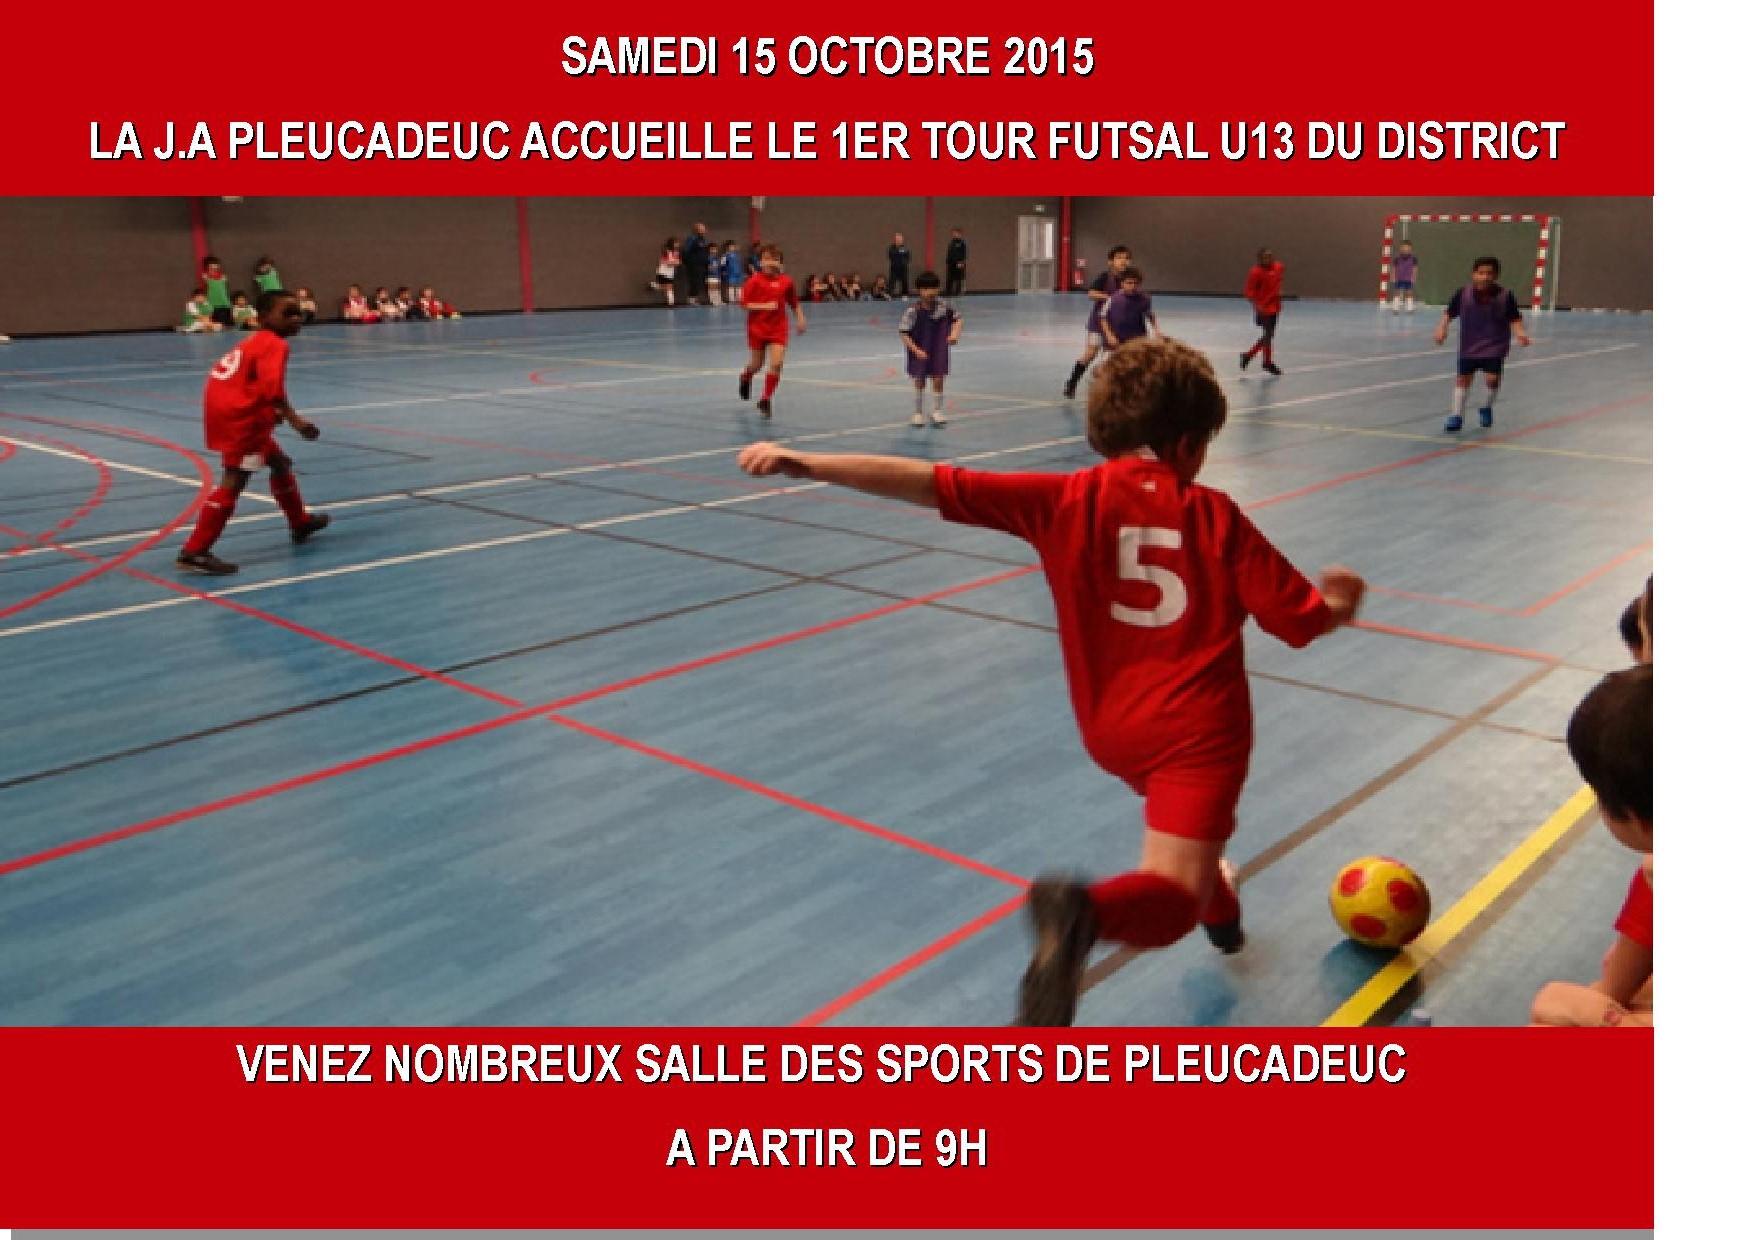 FUTSAL U13 DU 15 OCTOBRE 2015